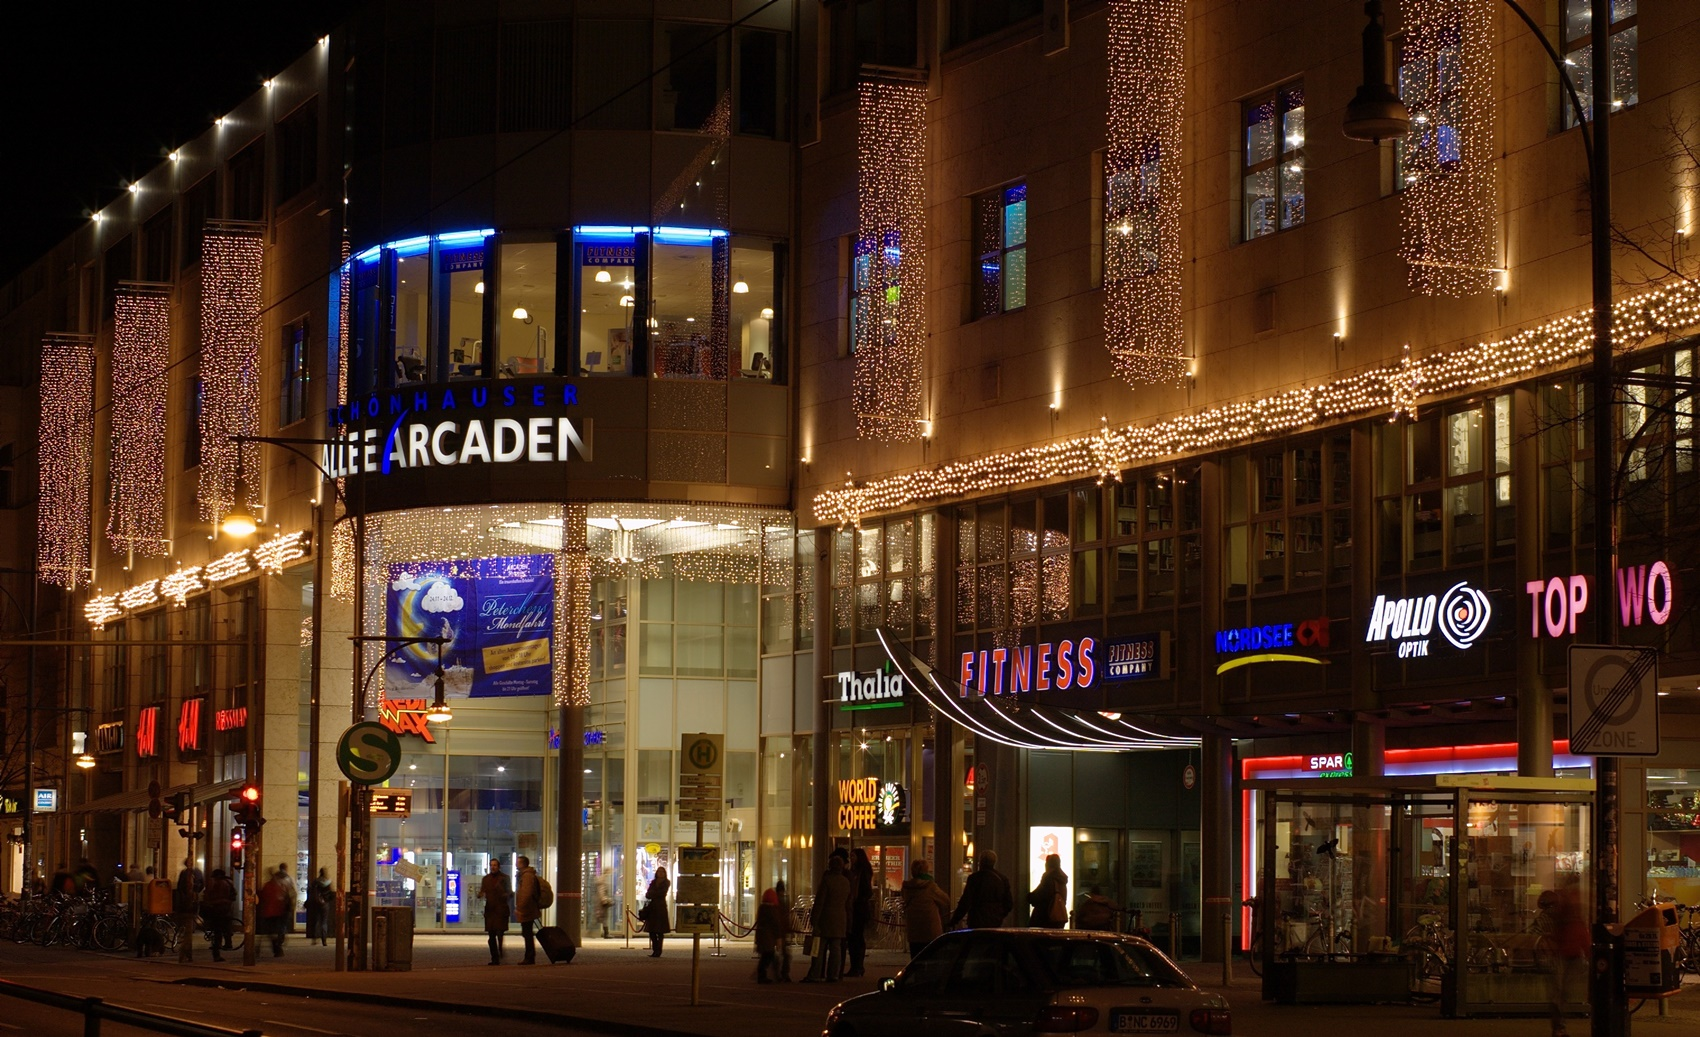 Einkaufsstrassen Berlin 10 Berlin Shopping Insider Tipps Zum Bummeln